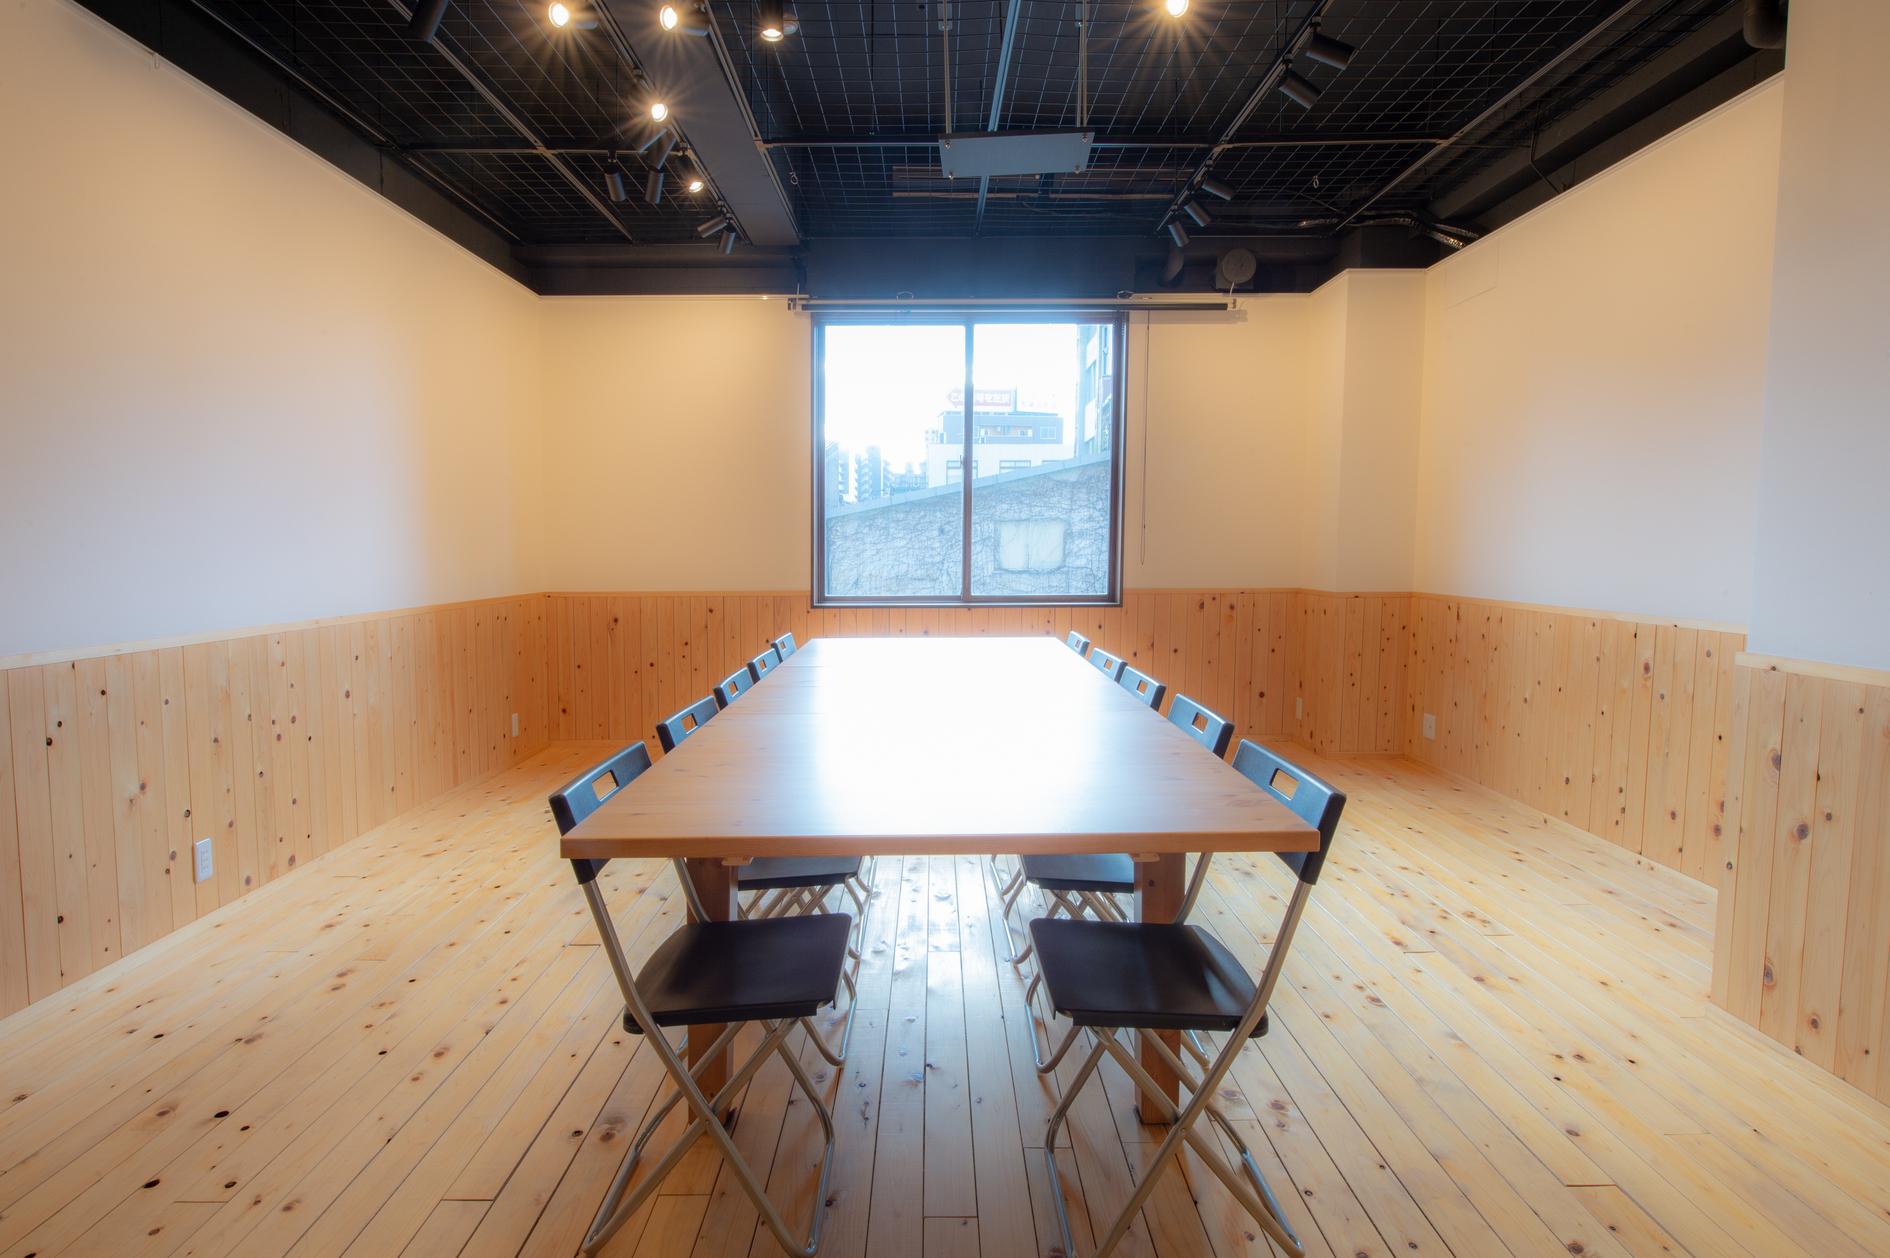 【大阪・江坂】落ち着いたギャラリースペースで個展・展示会・セミナー・ワークショップ・会議・撮影など使い方自由!【新大阪から2駅】 のカバー写真